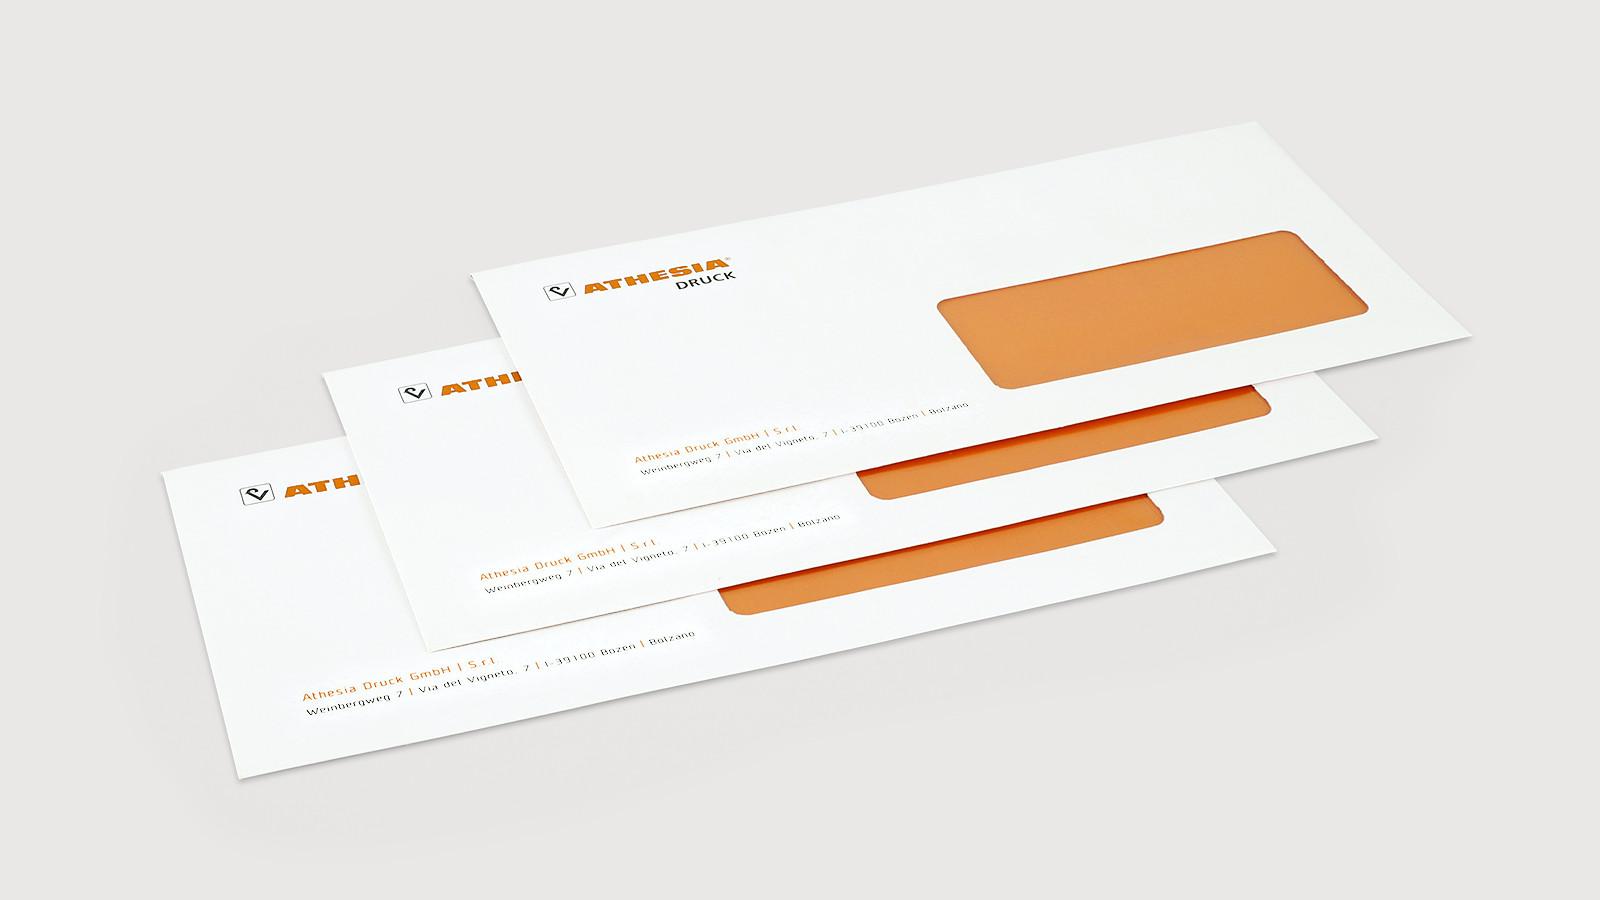 Briefumschlag_Athesia_01.jpg